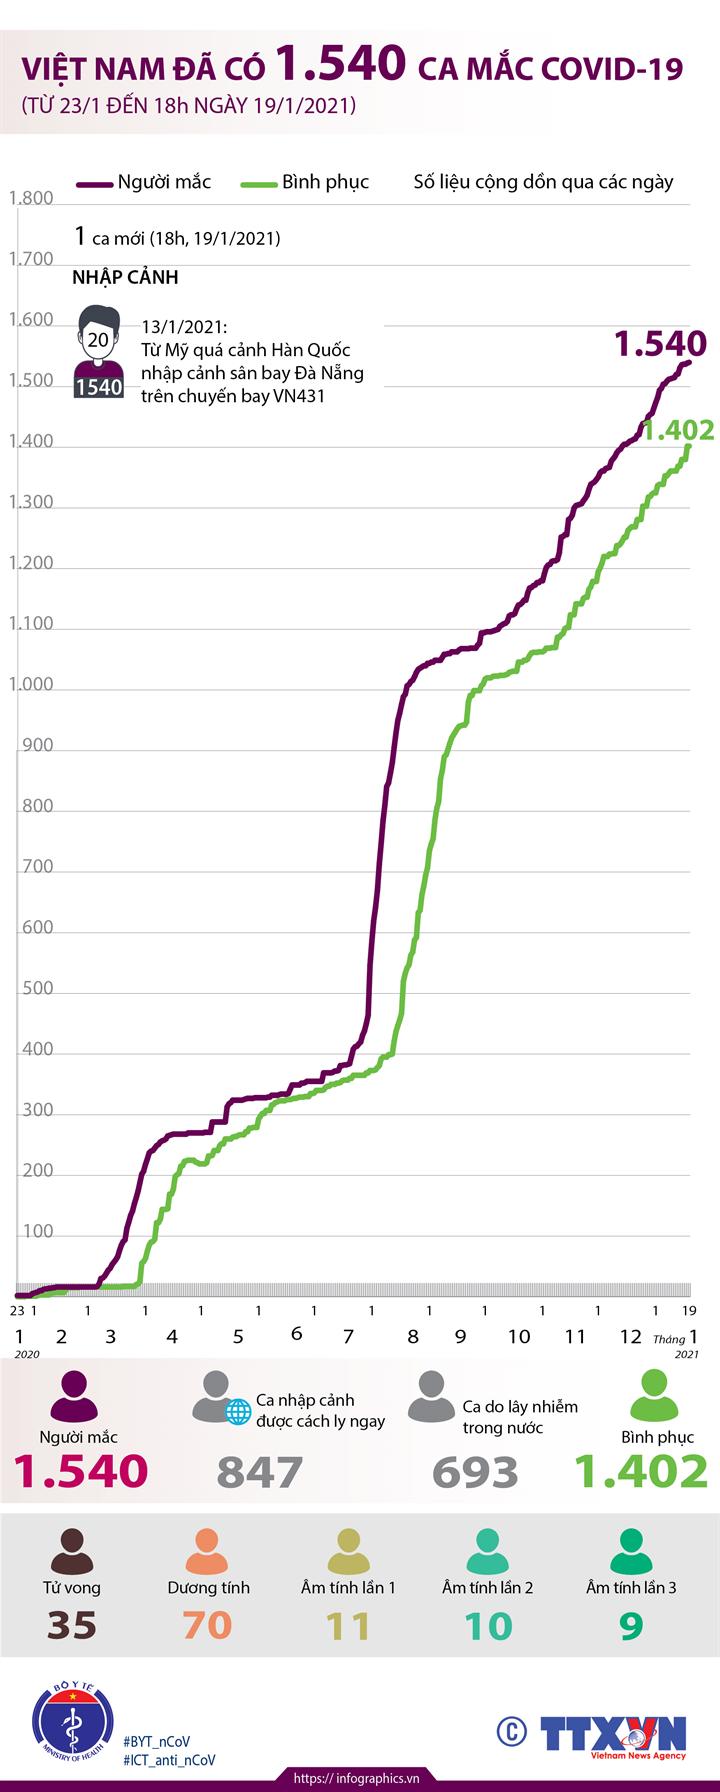 Việt Nam đã có 1.540 ca mắc COVID-19 (từ 23/1/2020 đến 18h ngày 19/1/2021)